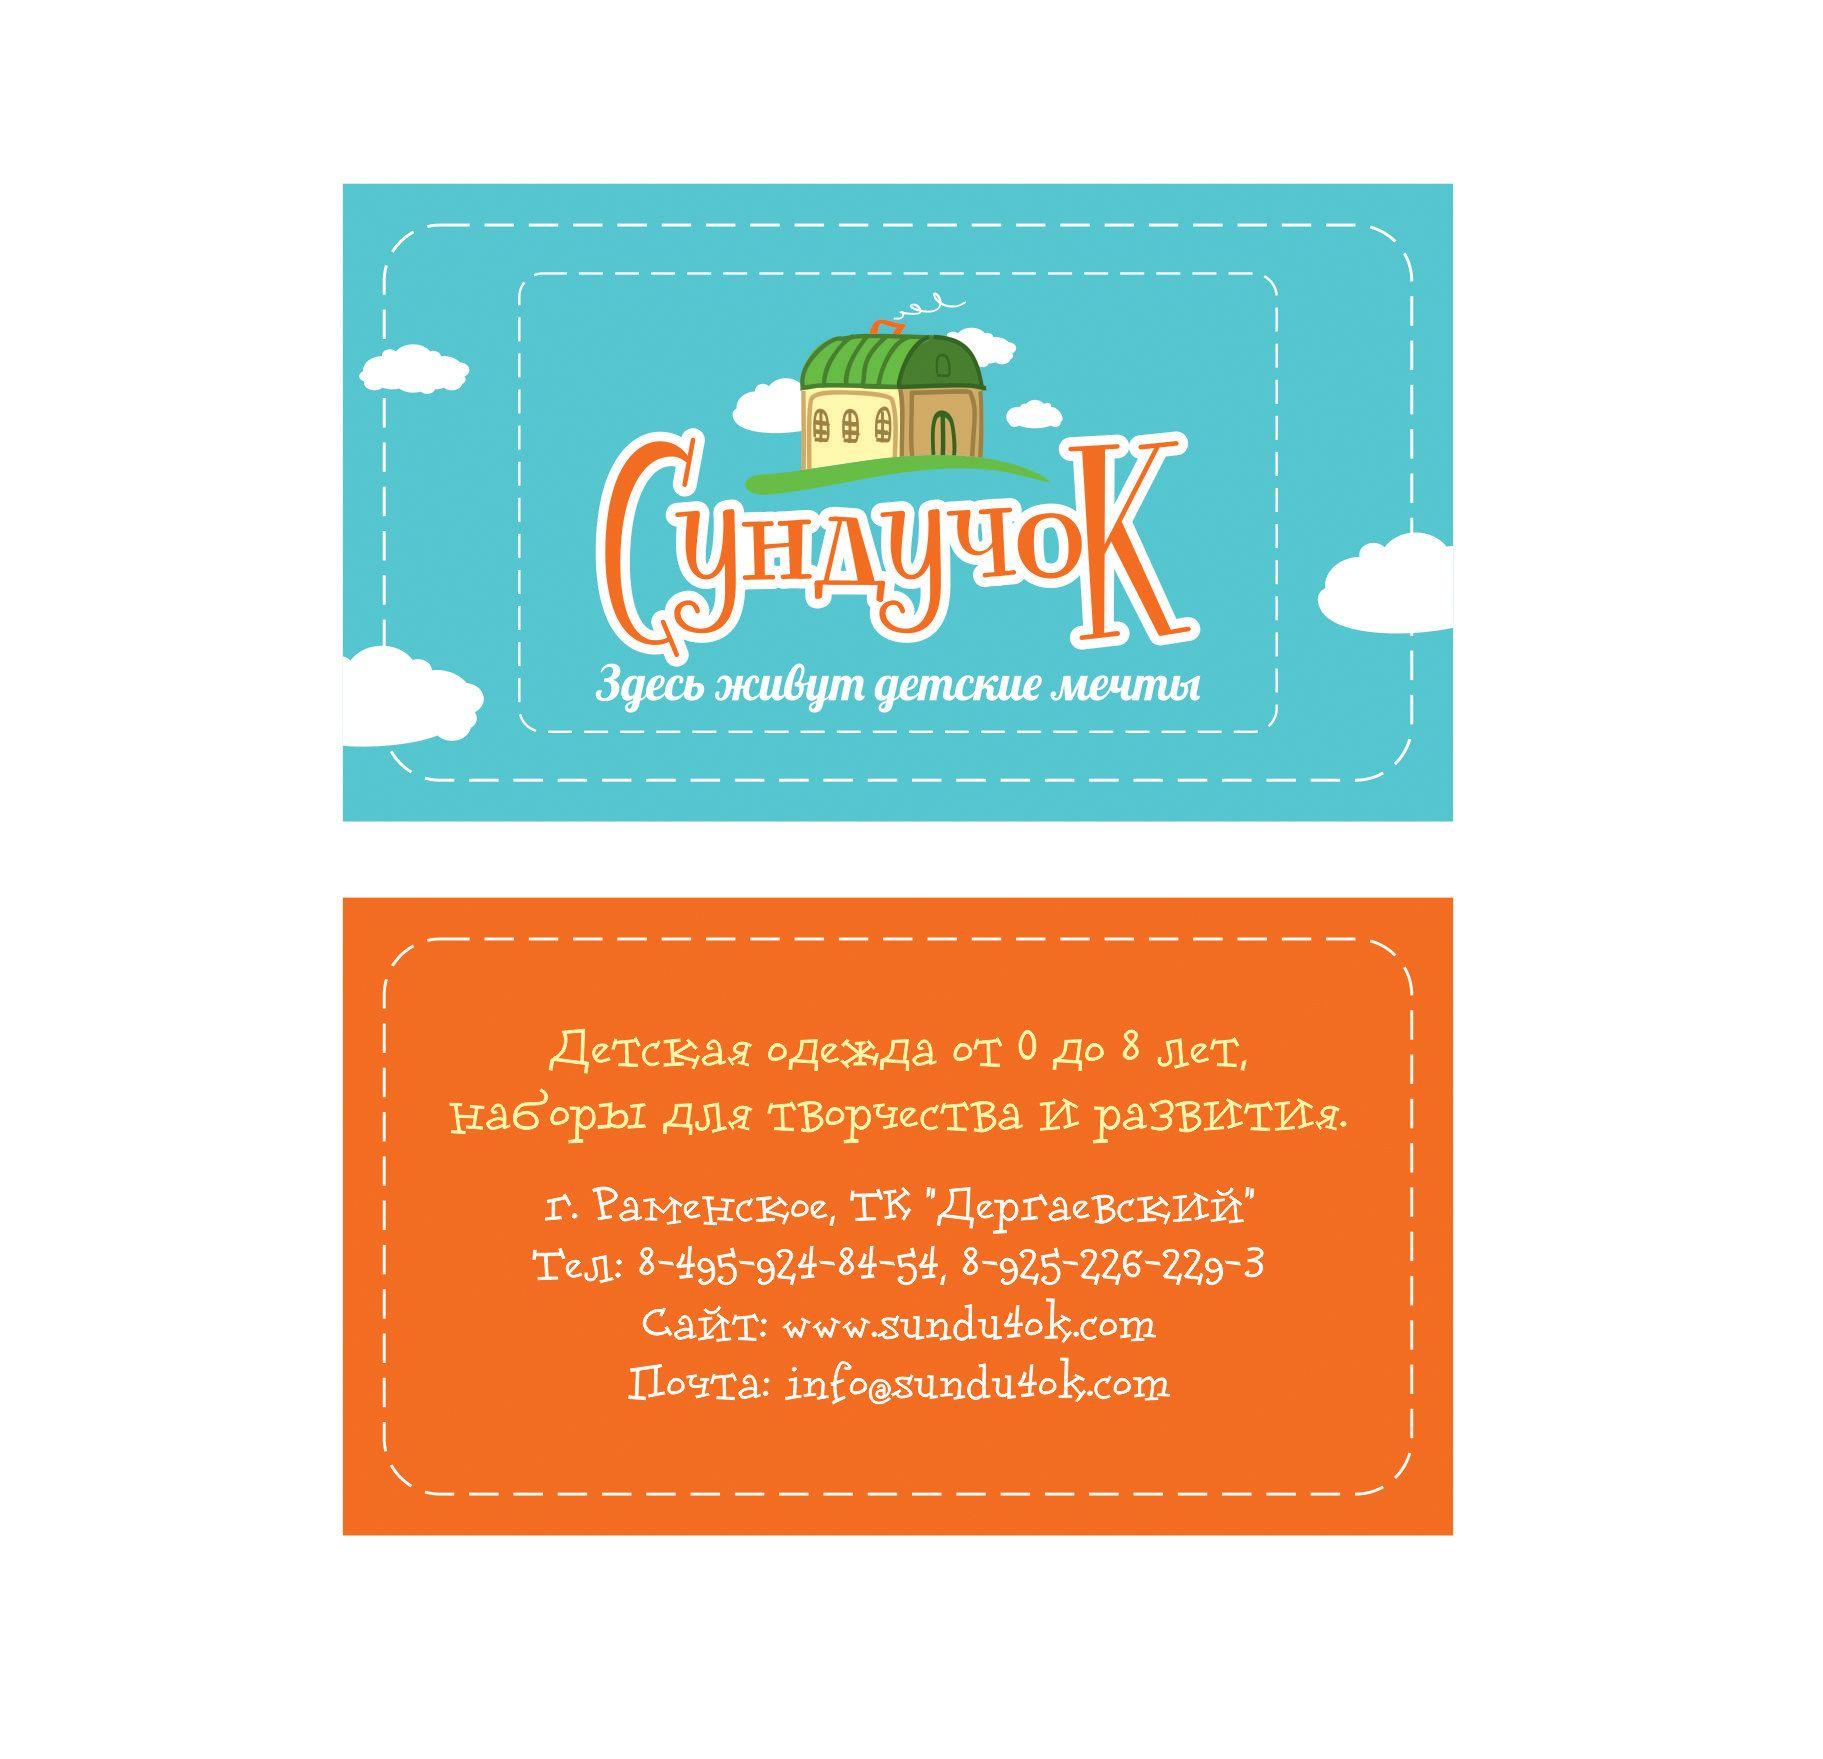 визитка, для магазина детской одежды Сундучок | Визитки ...